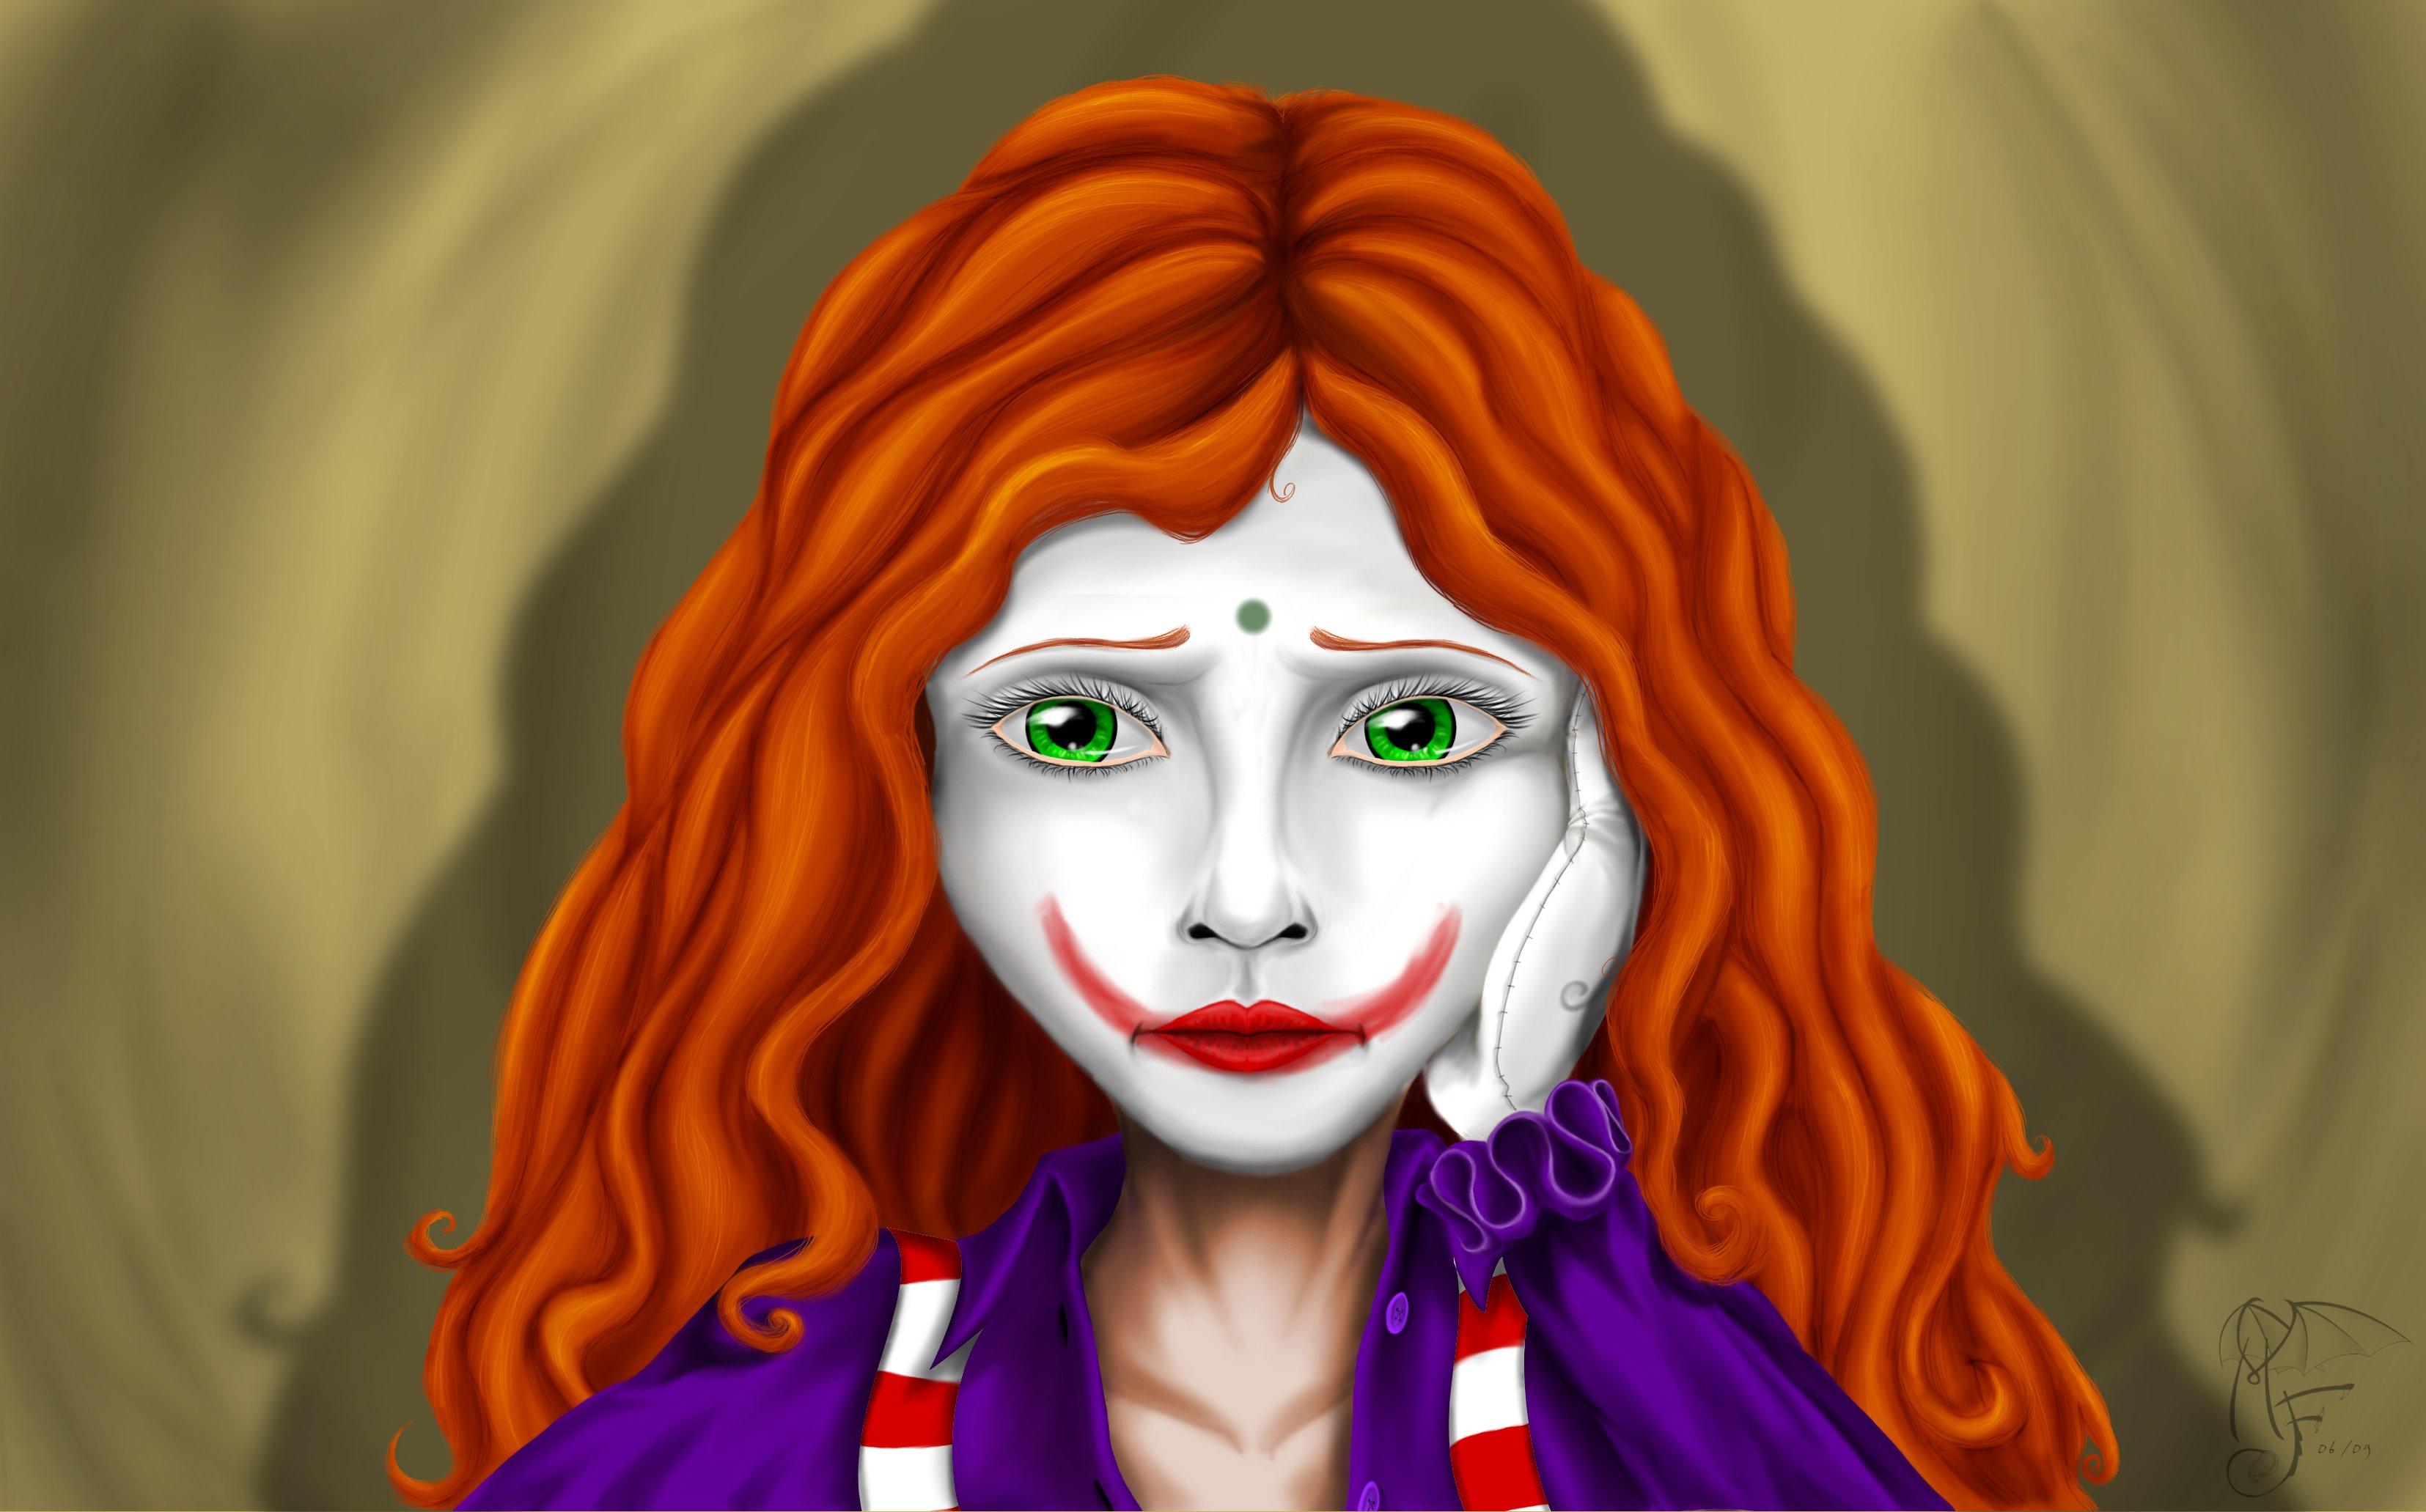 Sad_Clown_by_MARTY_iceAngel